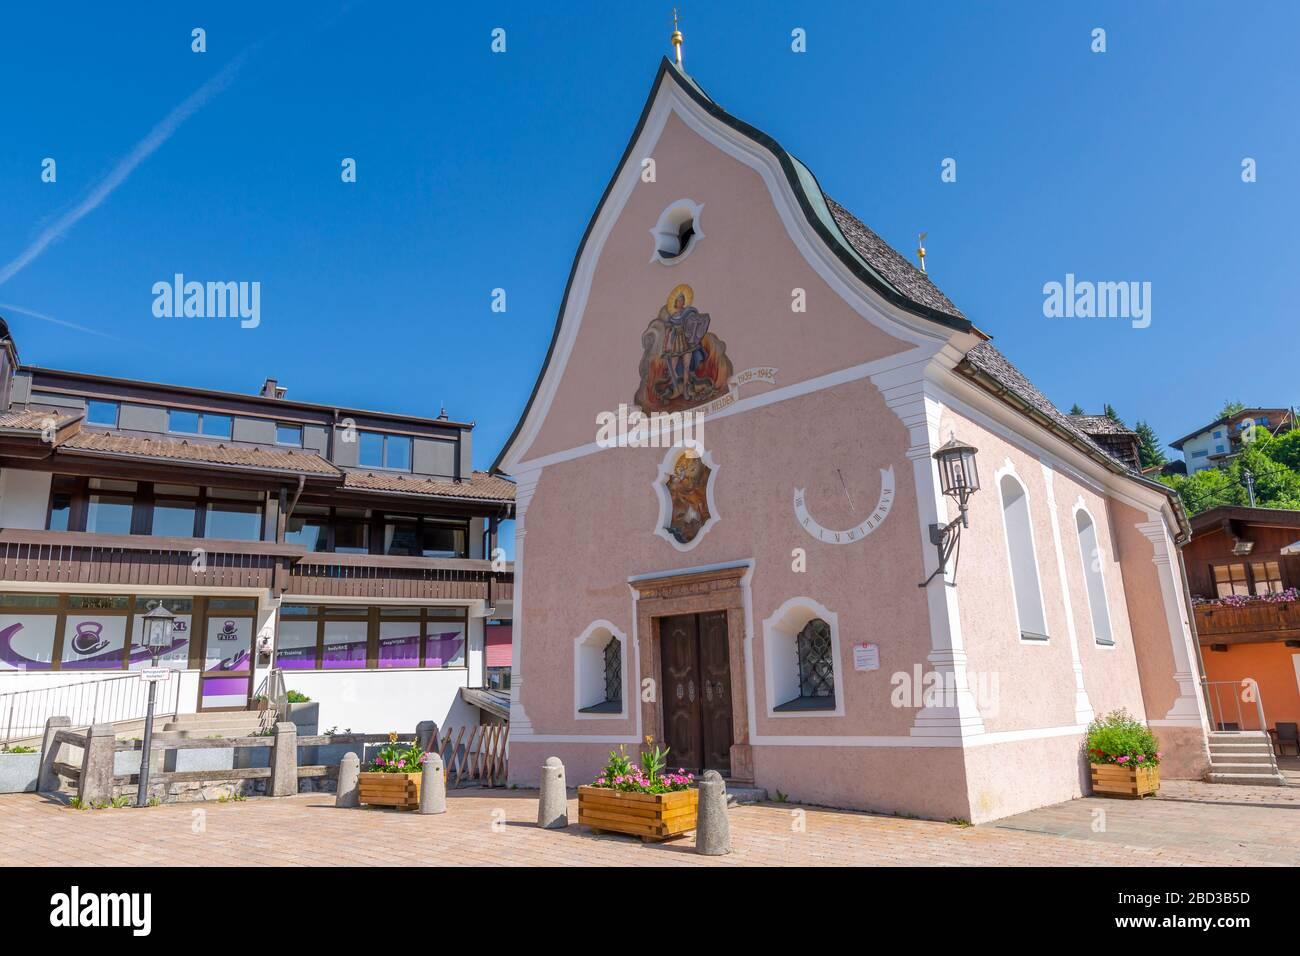 Report comment - Caf d Mar Ristorante Santa Maria di